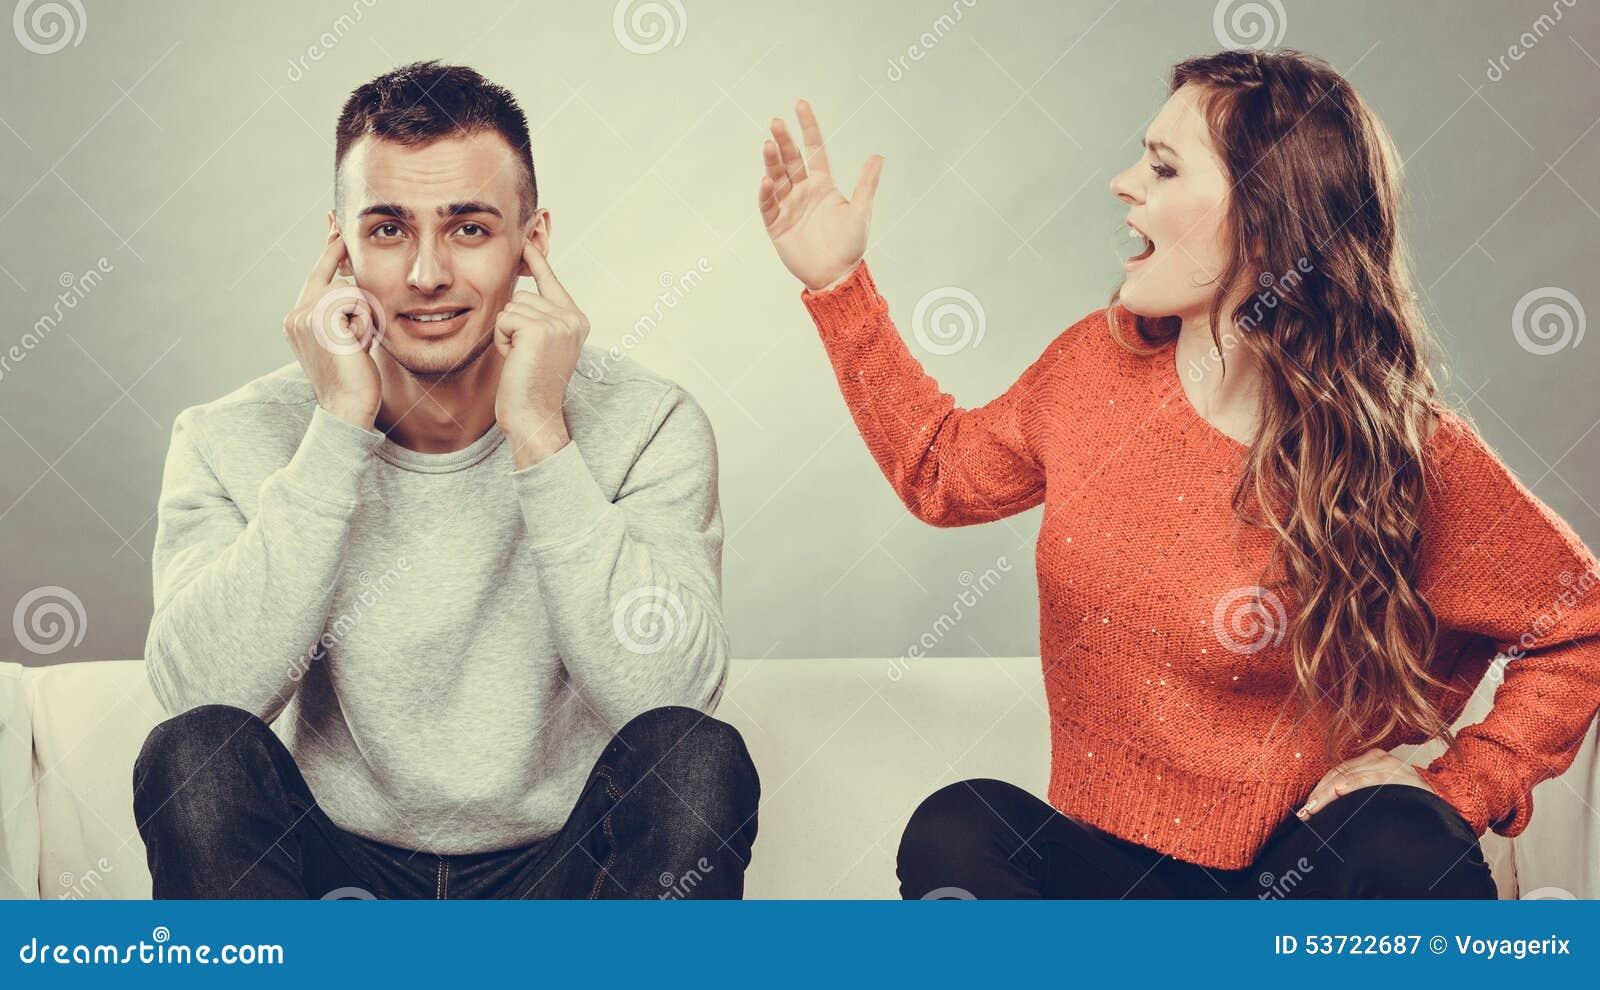 El hombre de griterío de la mujer enojada de la furia se cierra los oídos